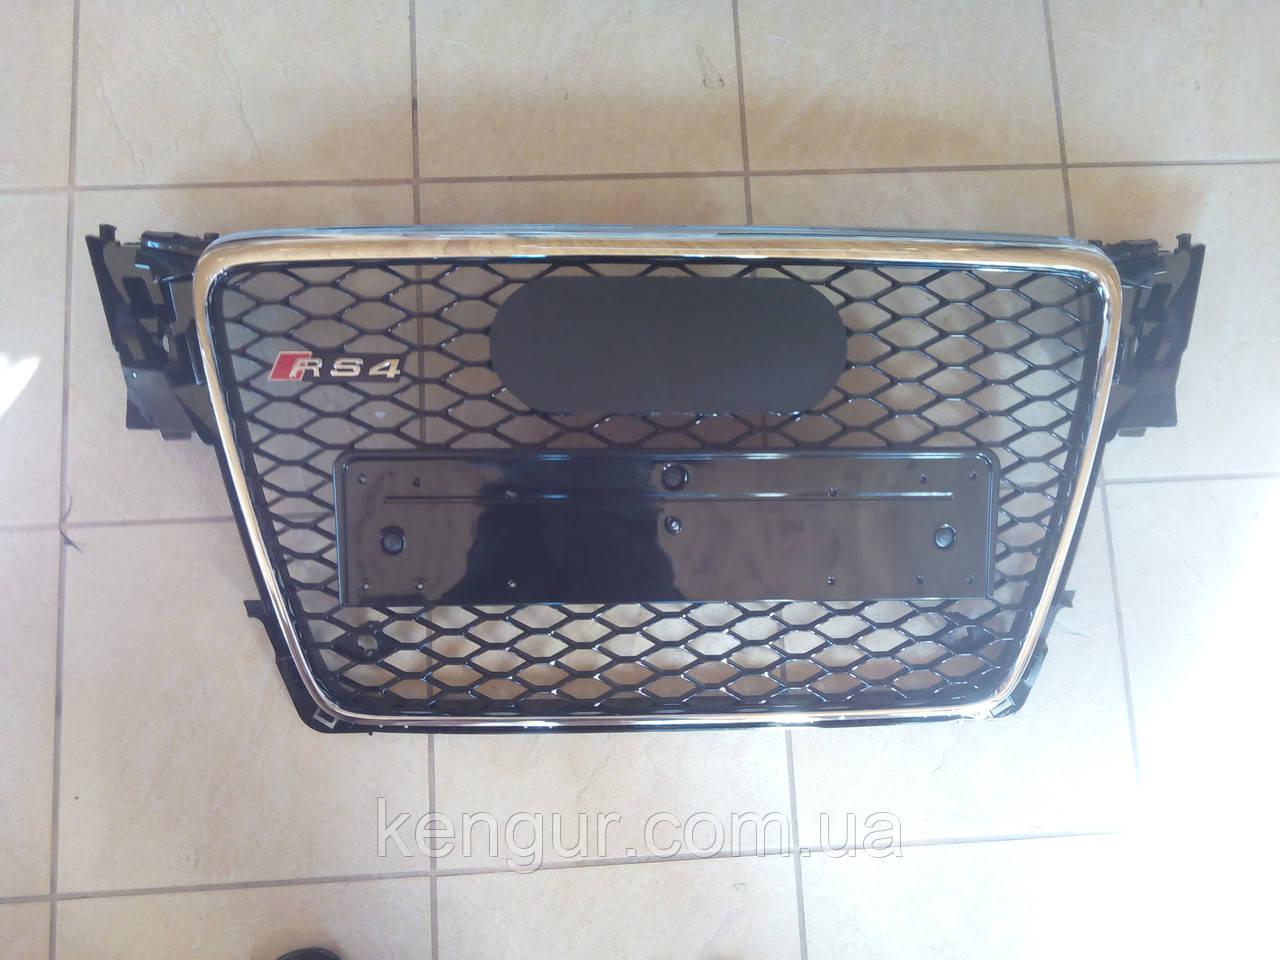 Решетка радиатора Audi A4 стиль RS4